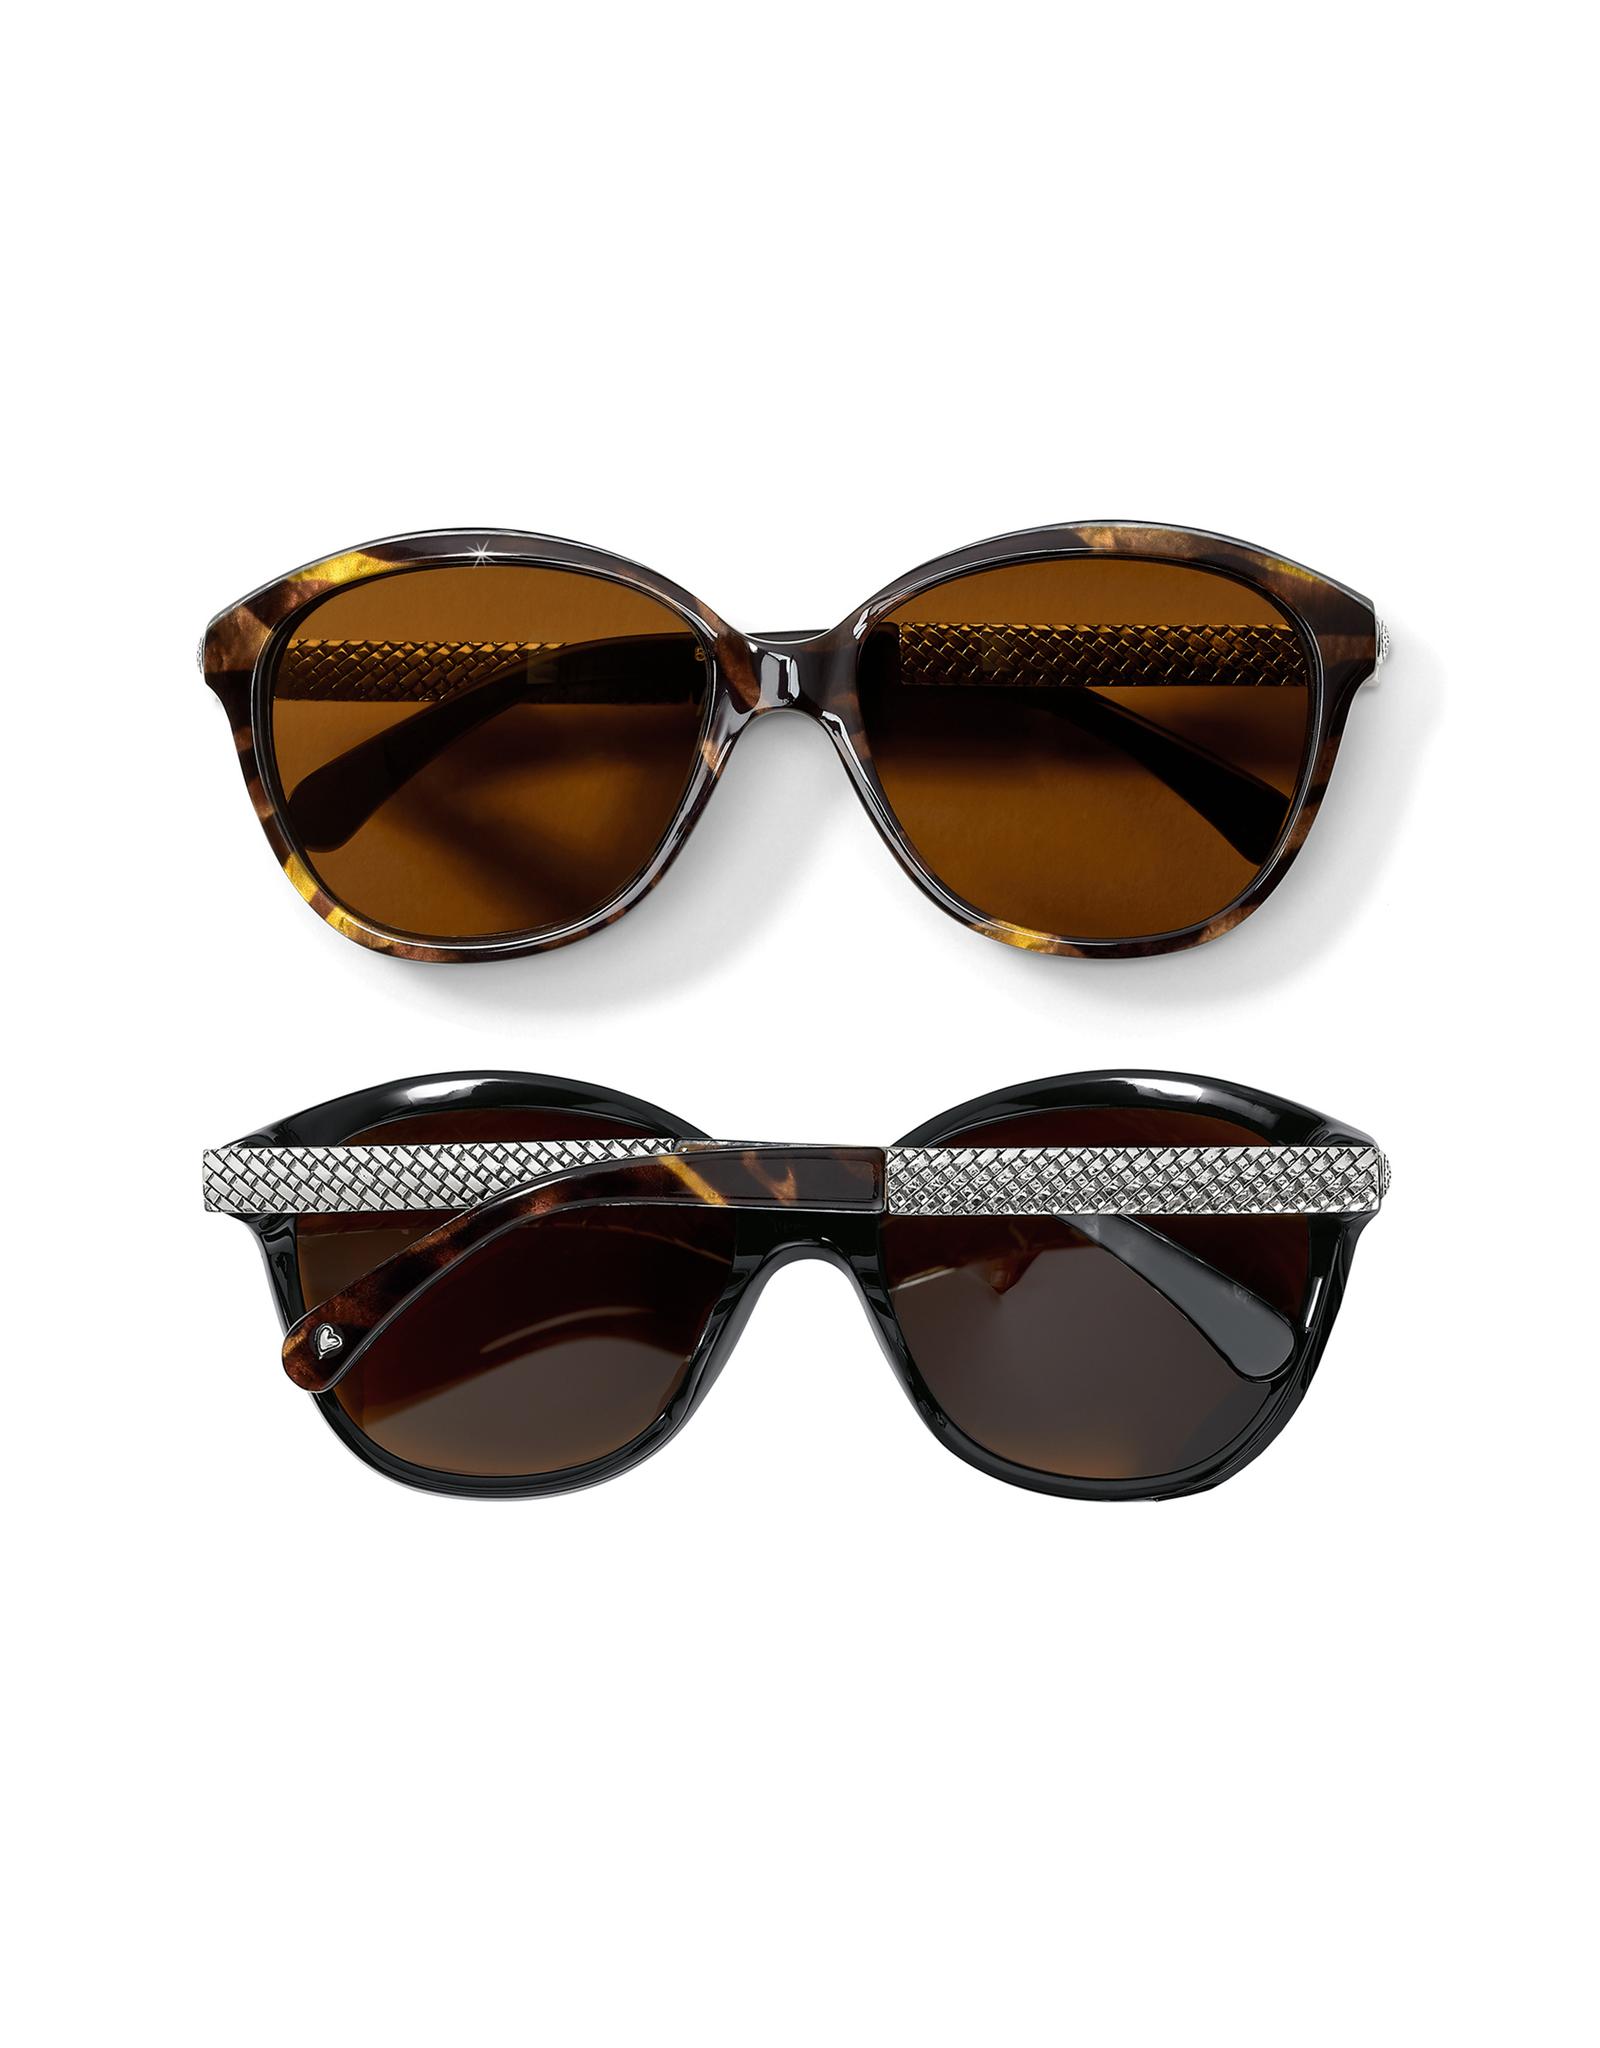 Brighton Ferrara Novella Sunglasses - Tortoise